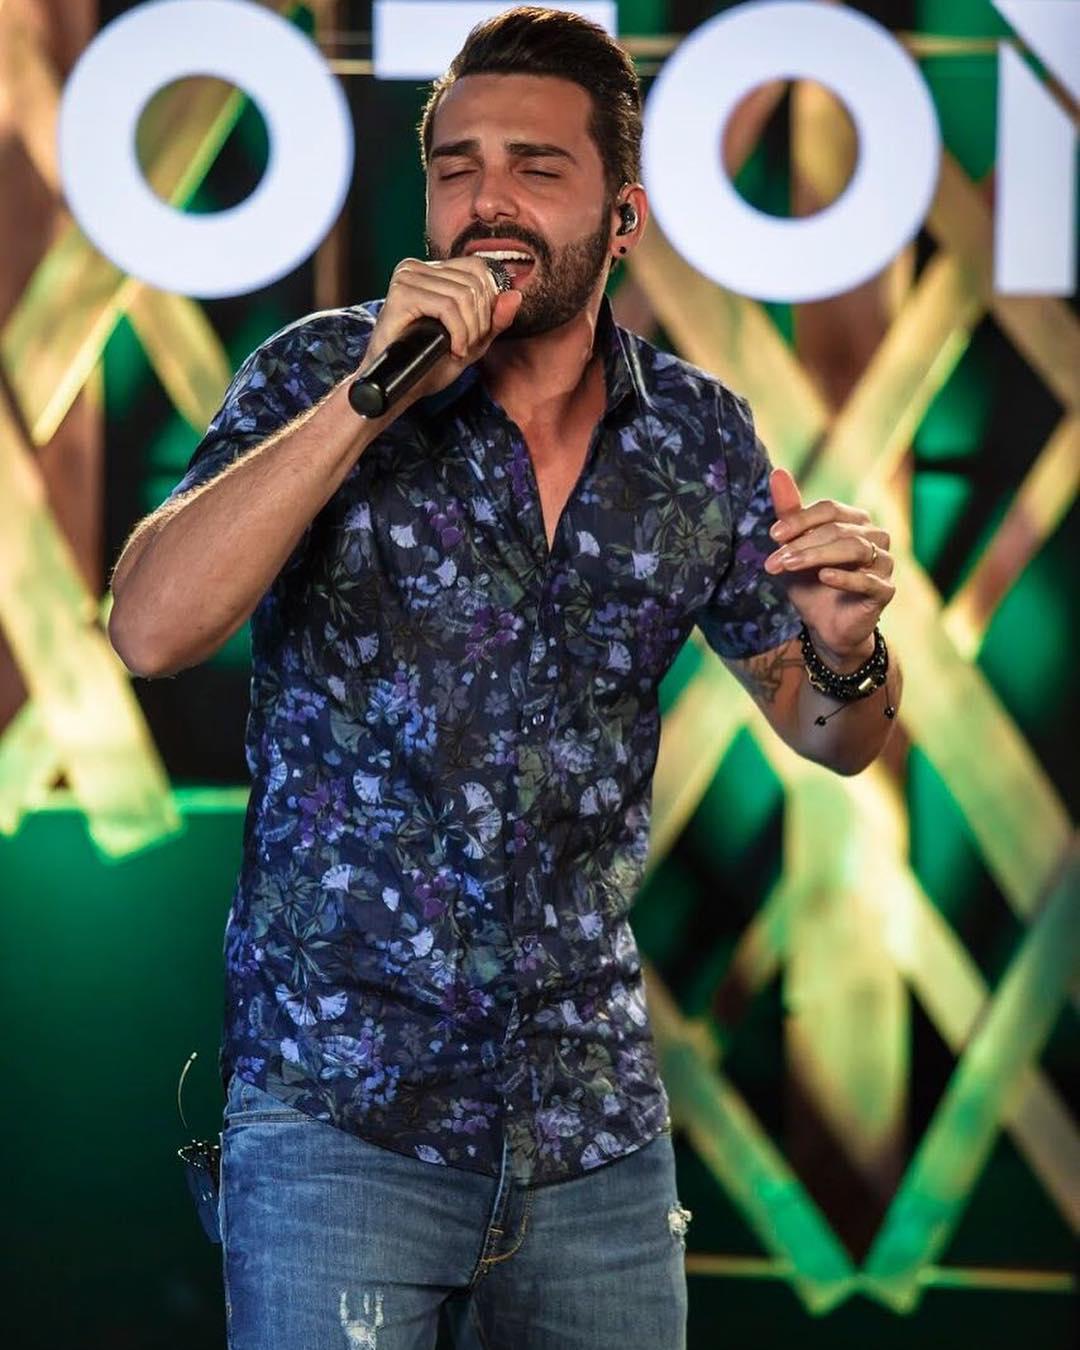 Show do Flavio Otoni em Minas Gerais contará com intérprete de Libras 41